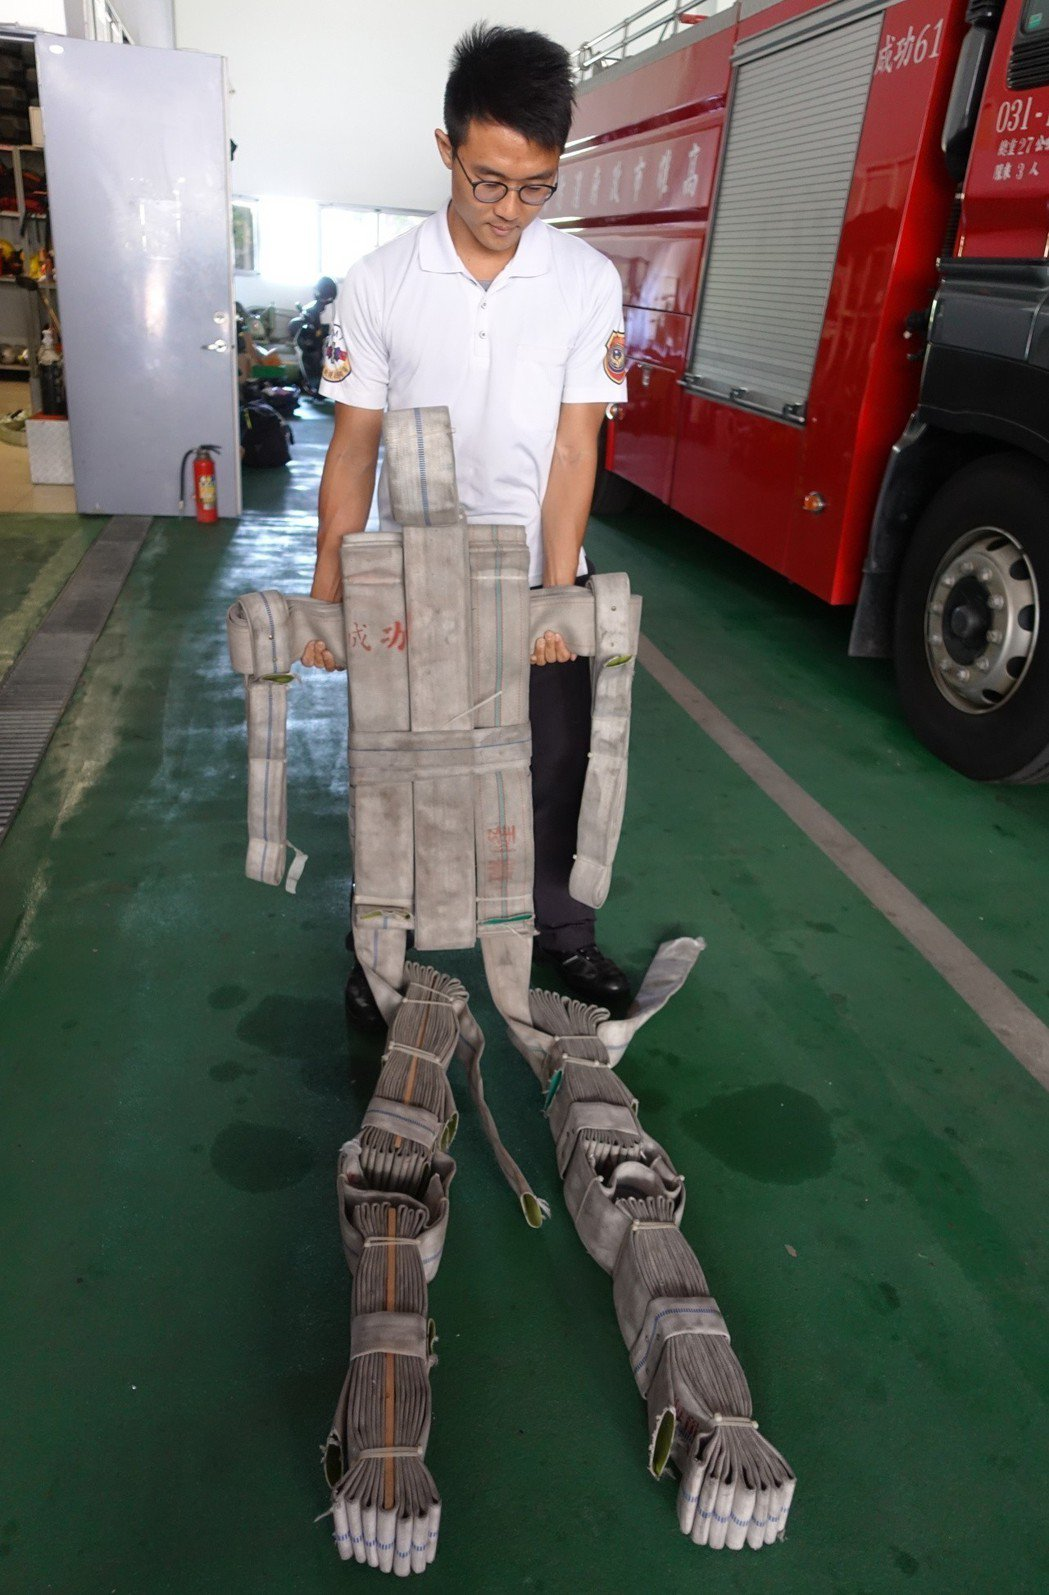 廢棄水帶也被用來組合成假人,模擬成年男性的身形,用於負重訓練。 記者劉星君/攝影